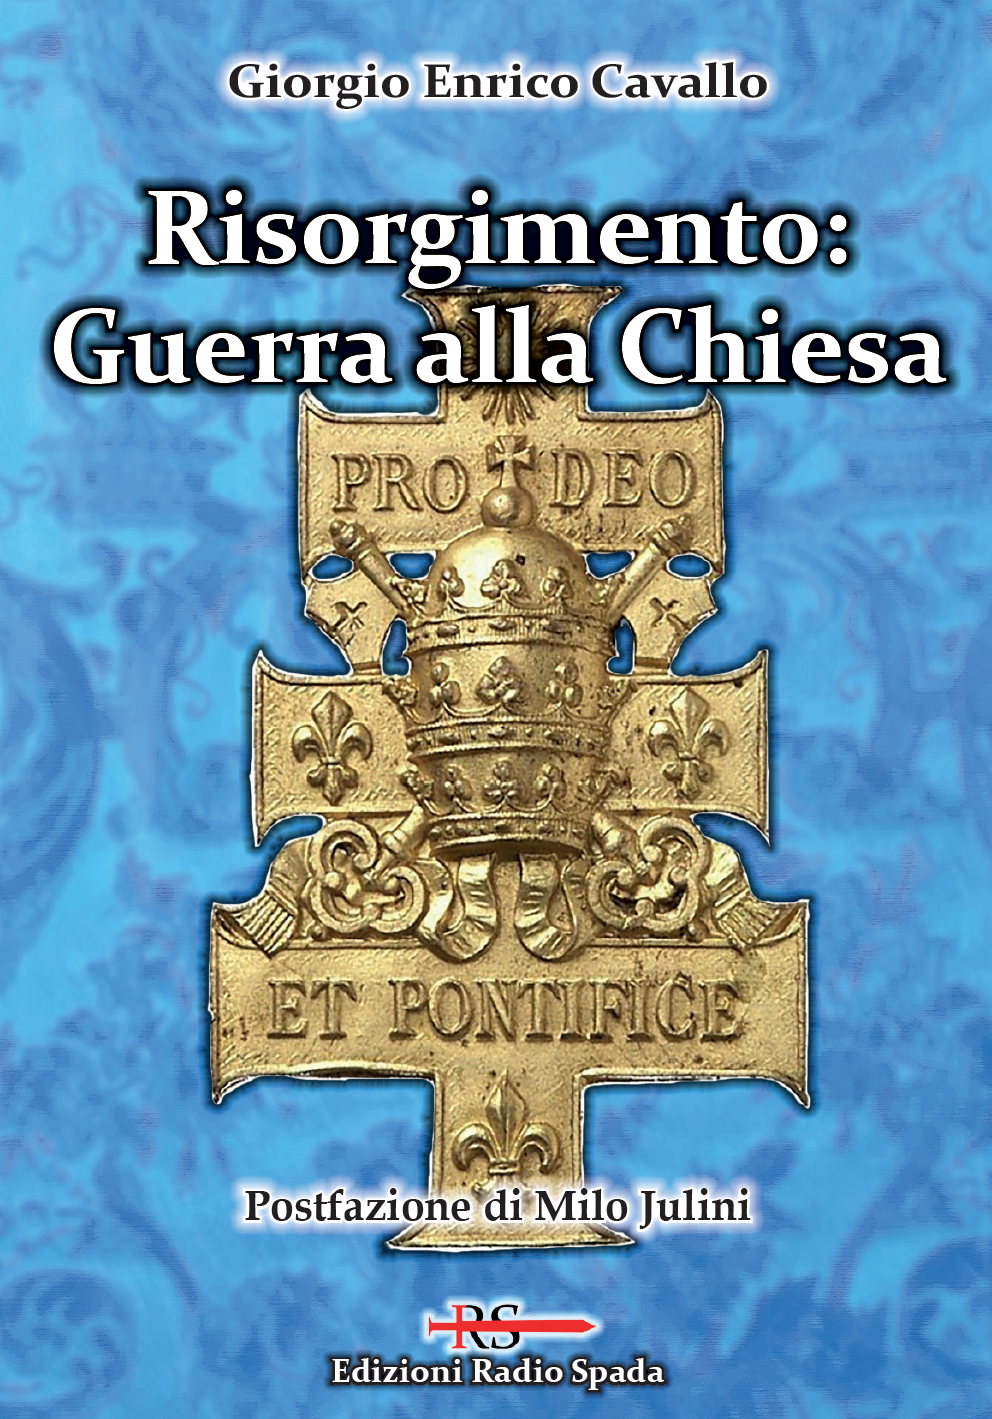 Risorgimento: Guerra alla Chiesa